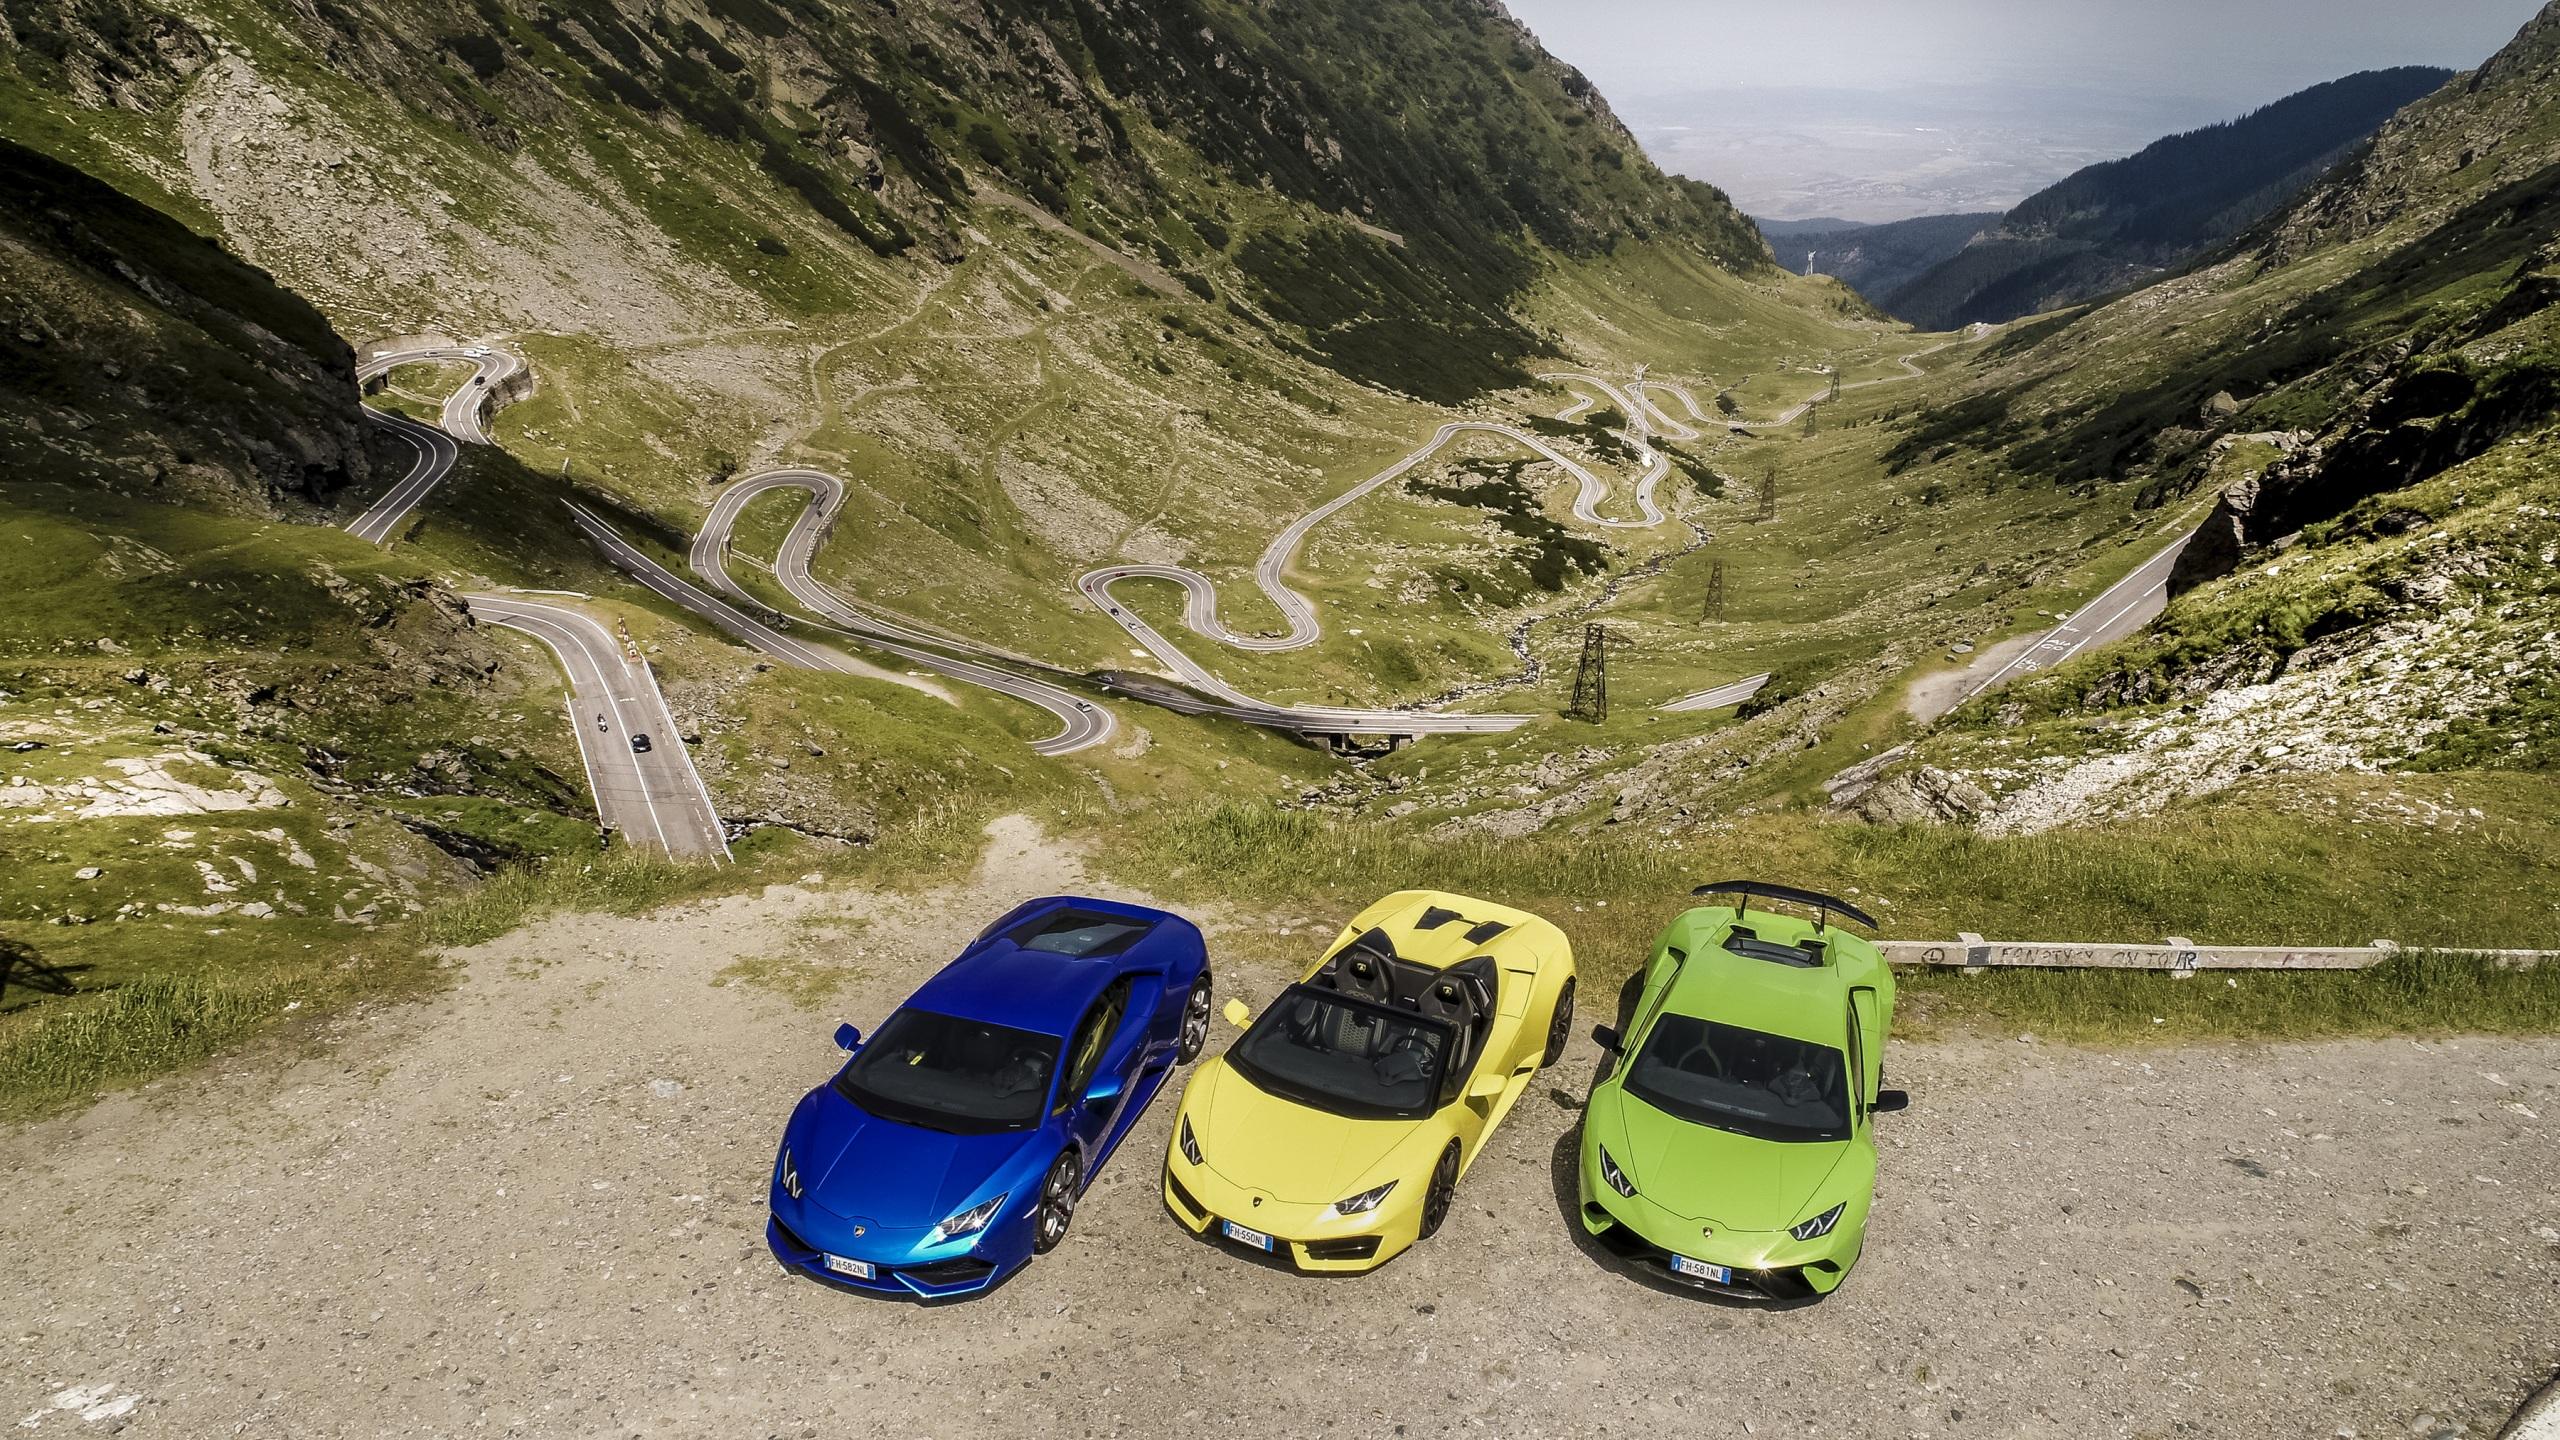 Фотографии Ламборгини Трое 3 машины 2560x1440 Lamborghini три авто машина втроем автомобиль Автомобили